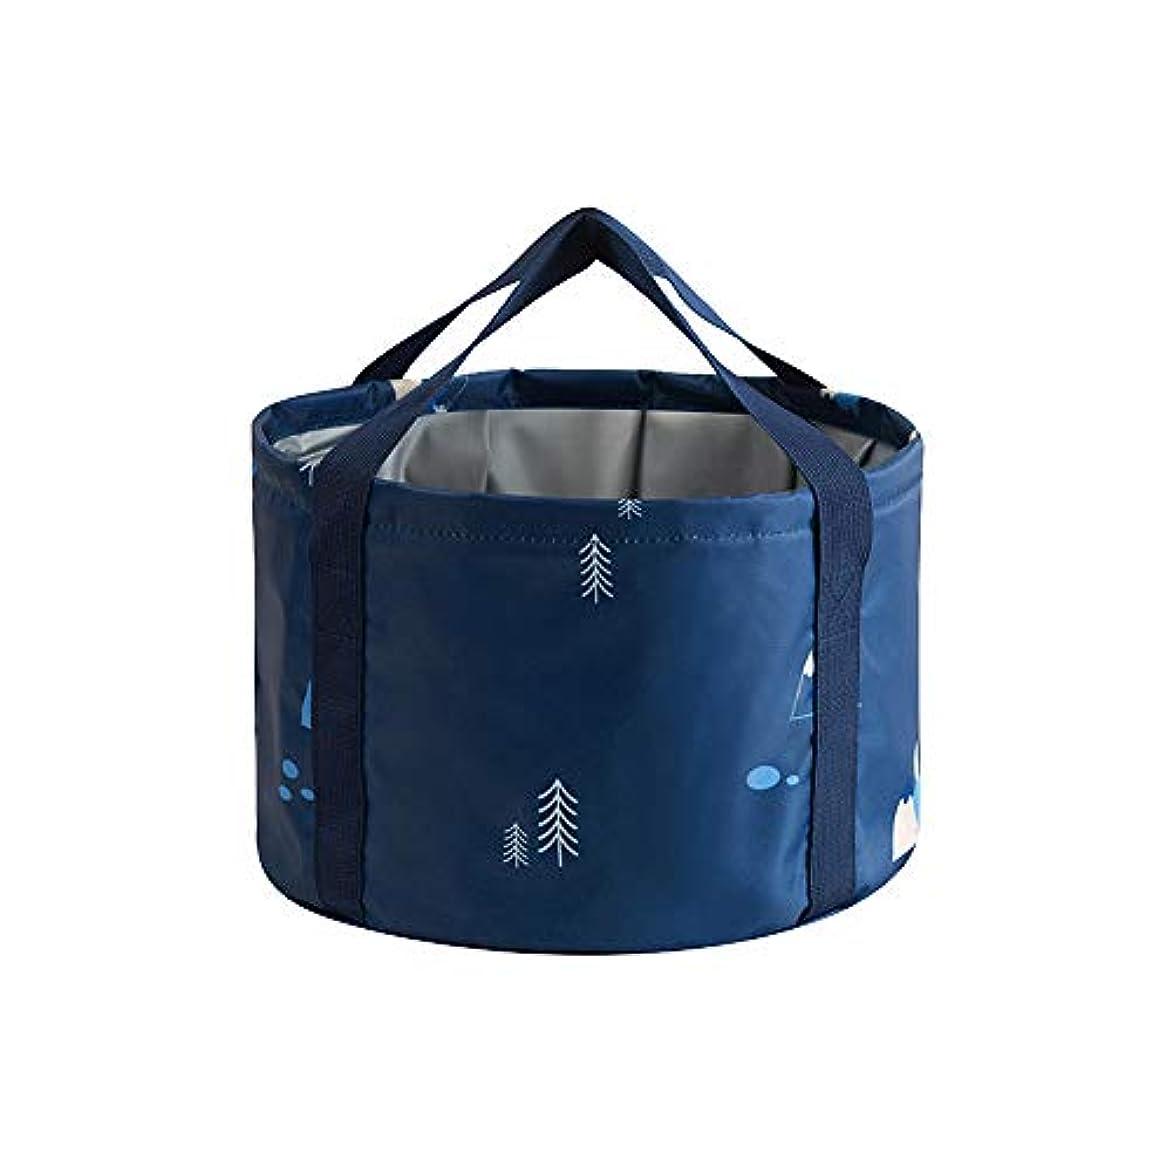 インド議論する重要Xueliee 旅行用フットバッグ、フットウォッシュバケツ、折りたたみ式、洗濯槽、屋外用ウォーターバッグ、水貯蔵、収納バッグ、洗面台、ポータブル、大 (35 x 26cm,5色)